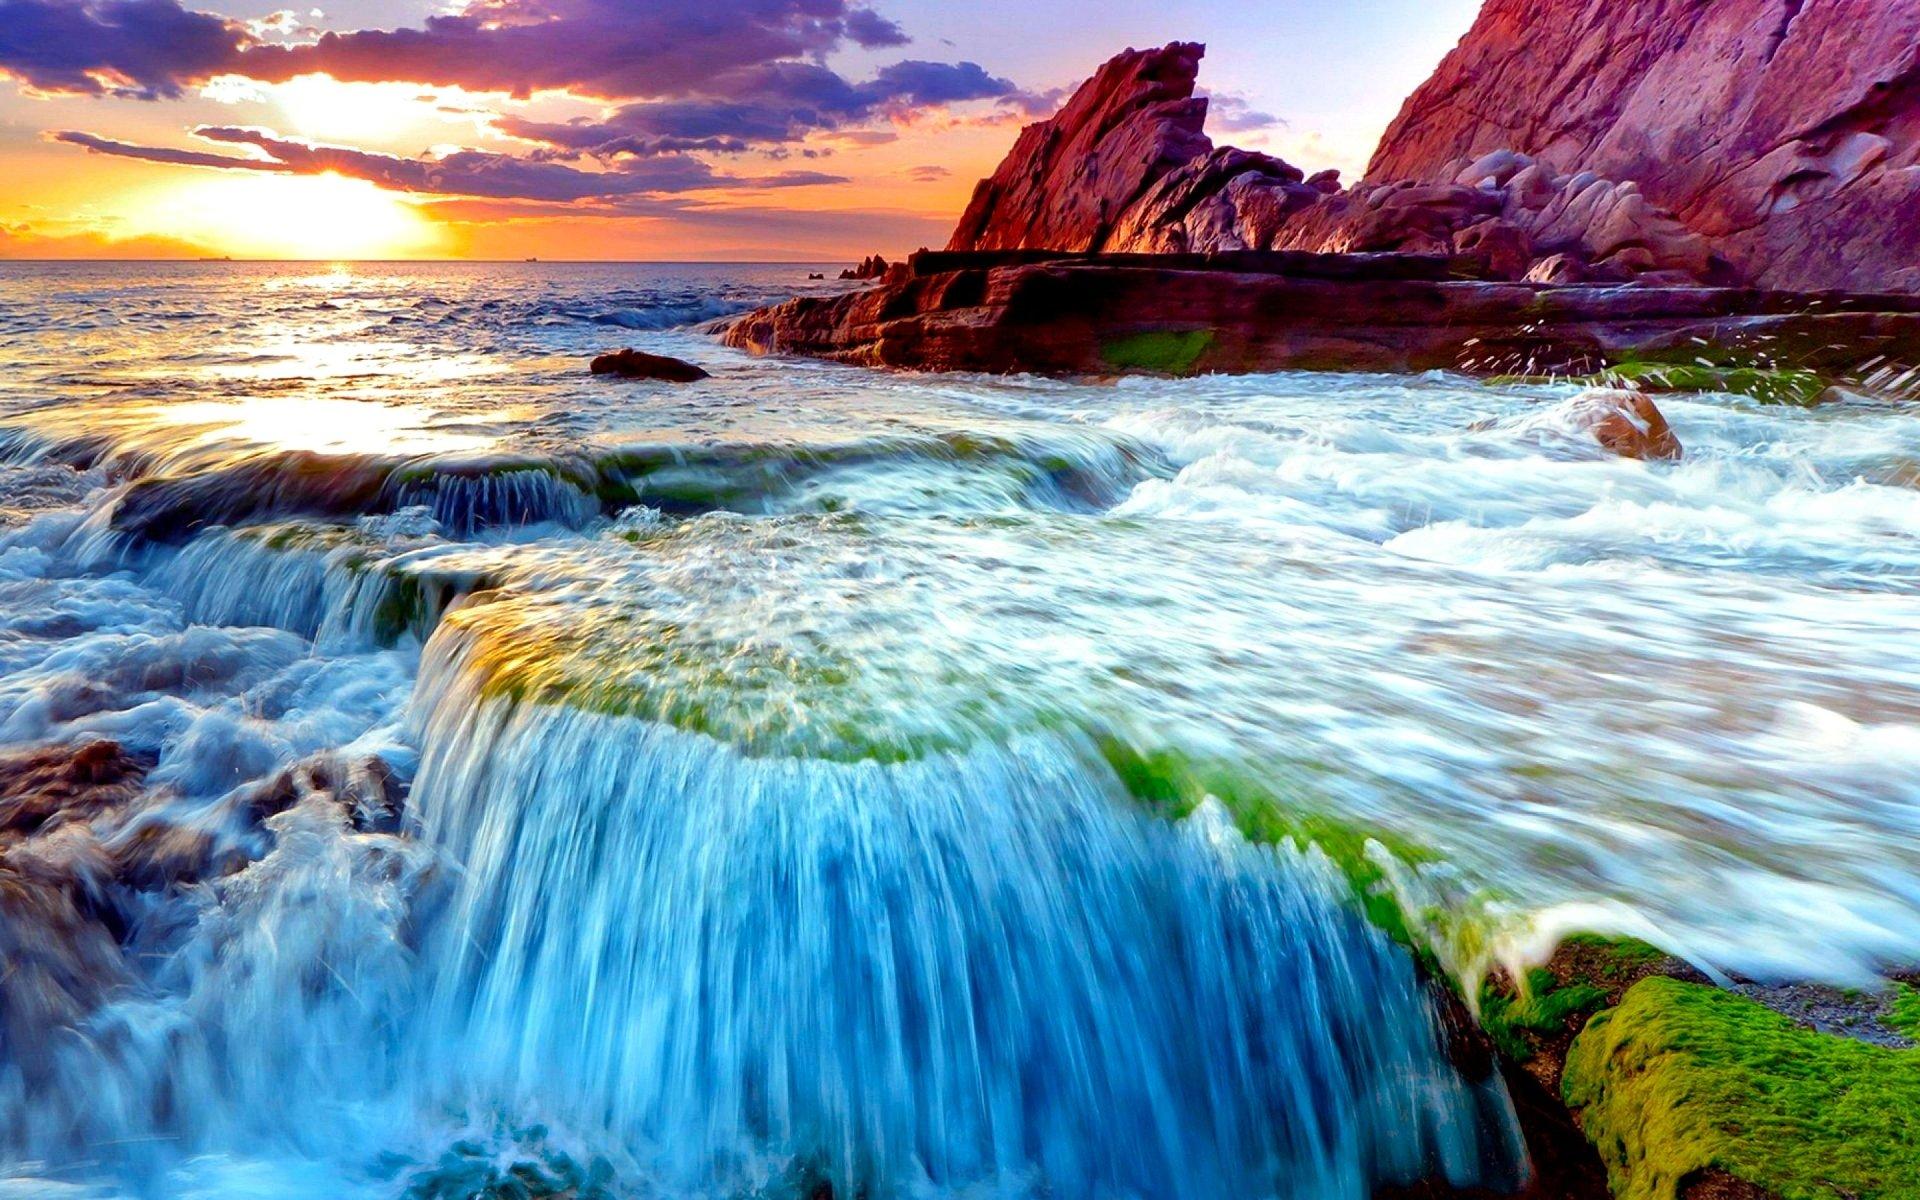 Niagara Water Falls Desktop Wallpaper 23 Eye Refreshing Waterfall Desktop Wallpapers 2017